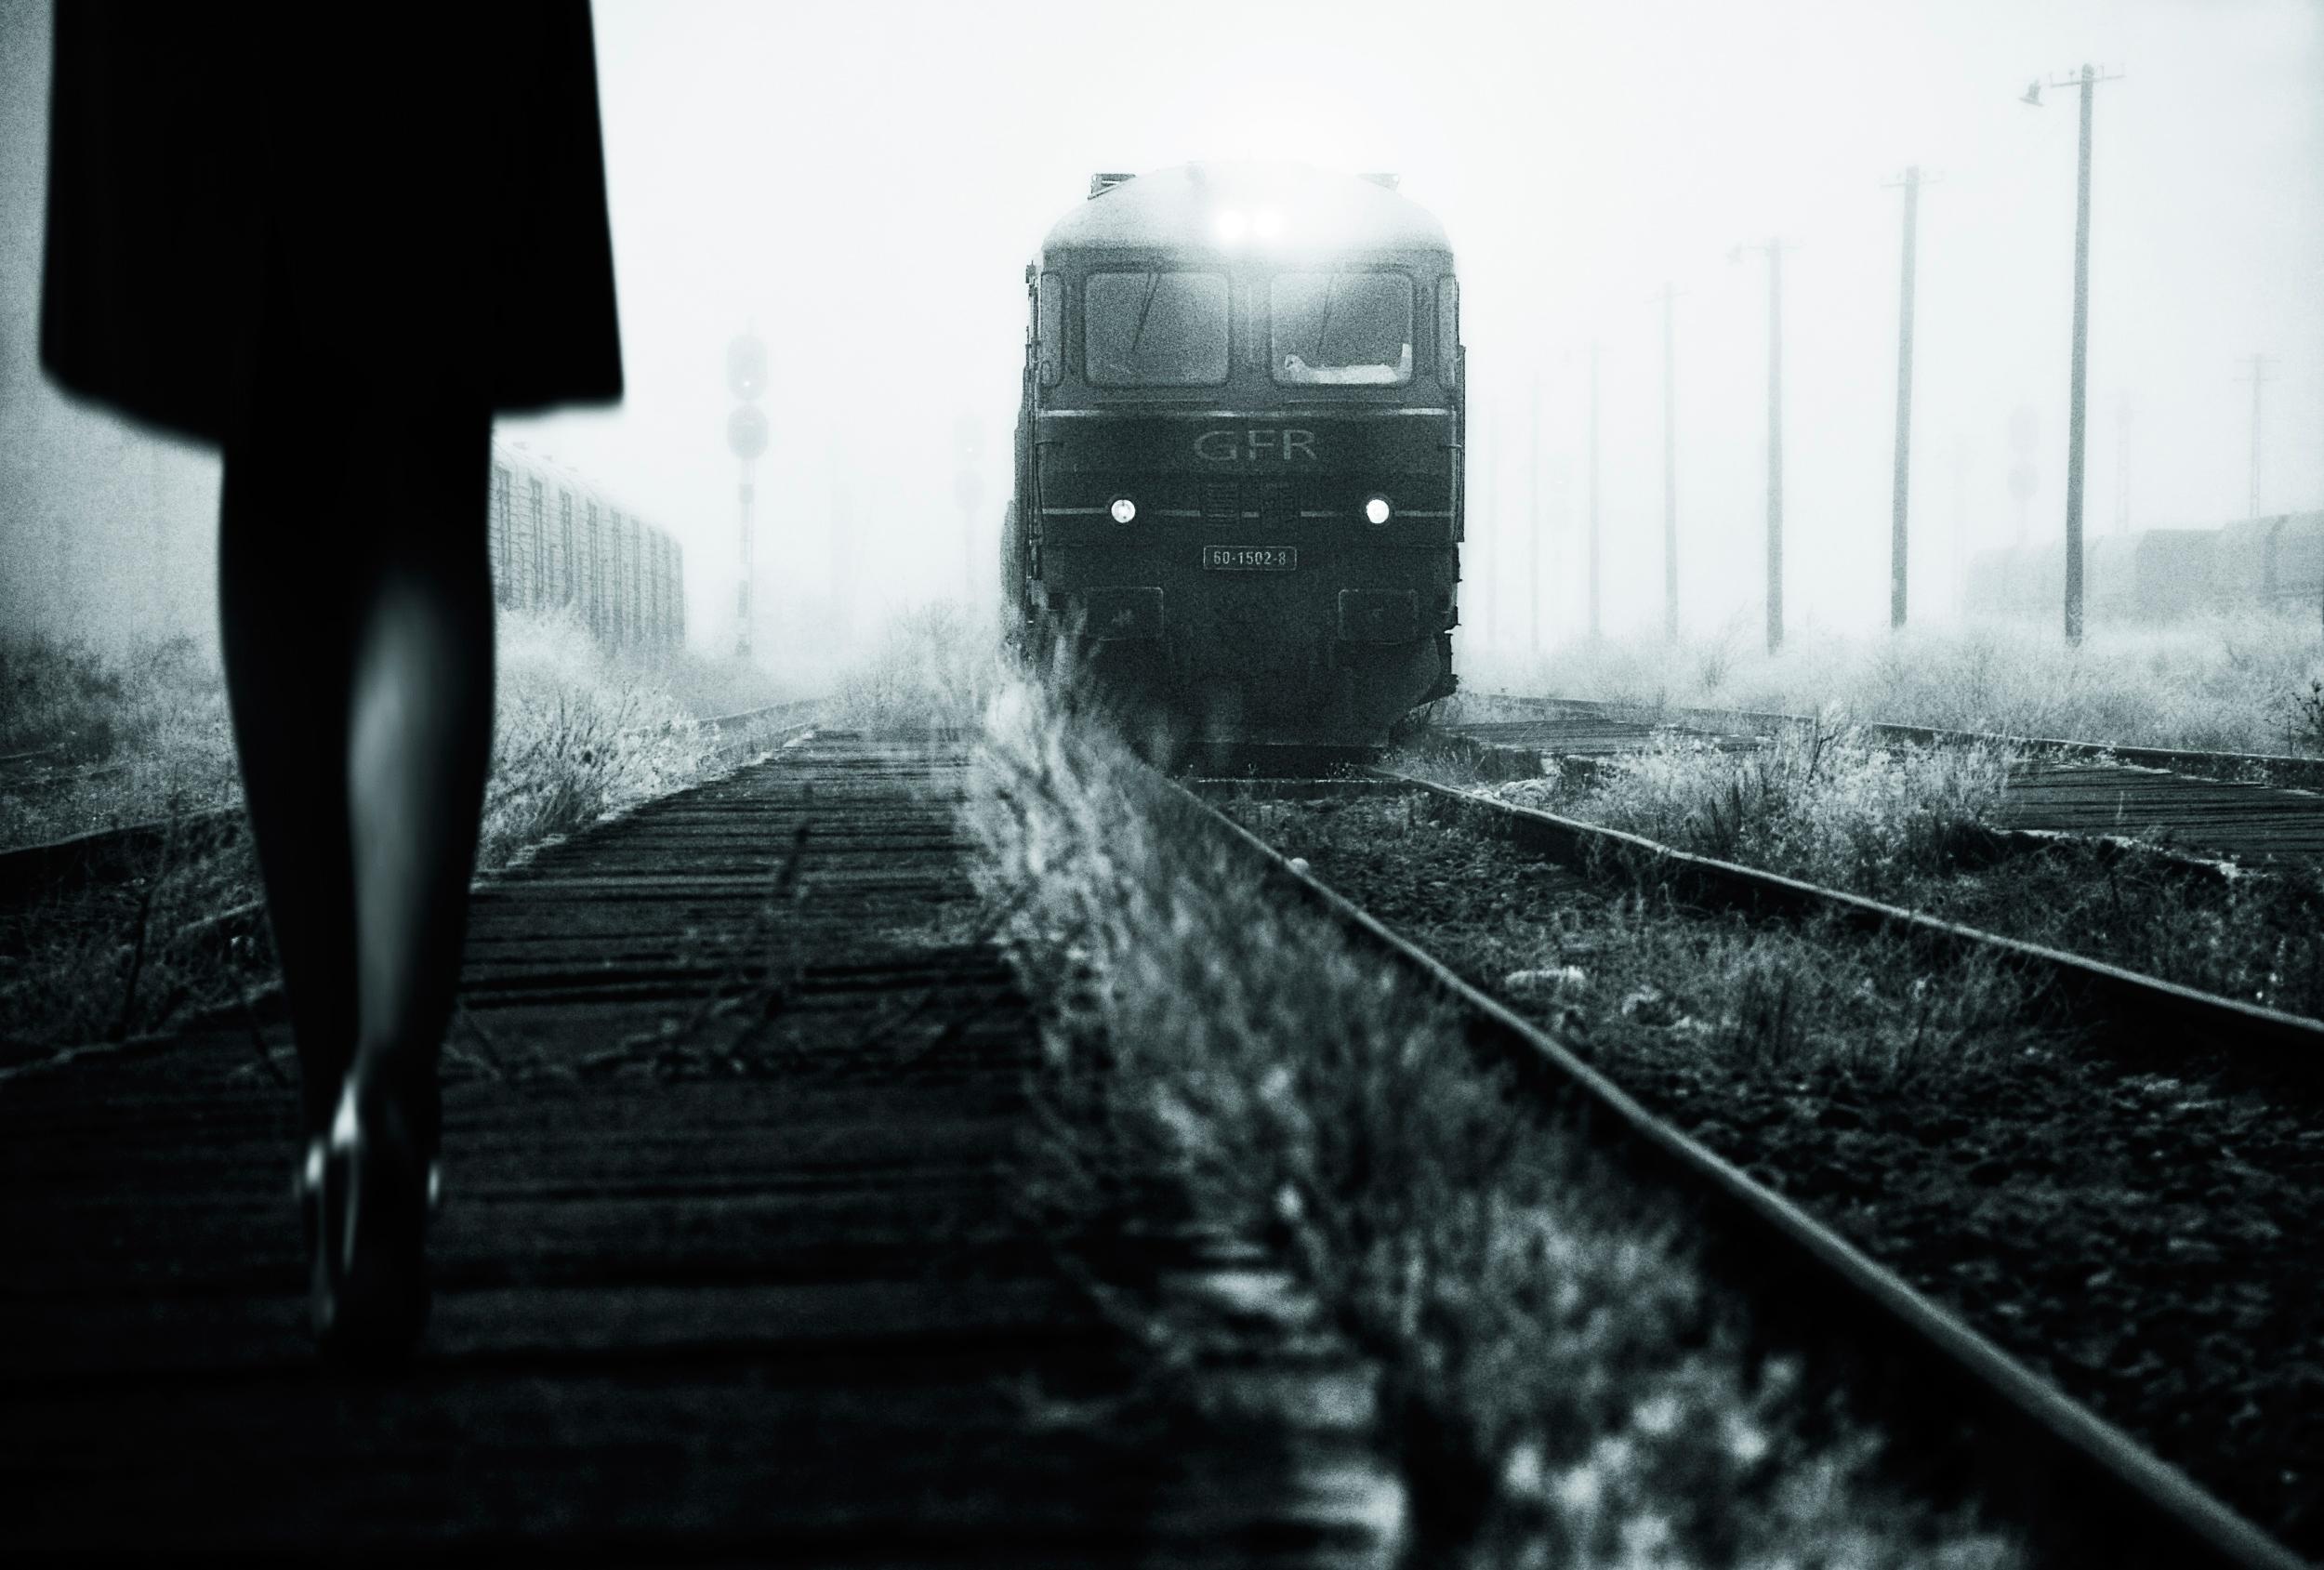 смотреть весь сборник женских поезд еще зрелые